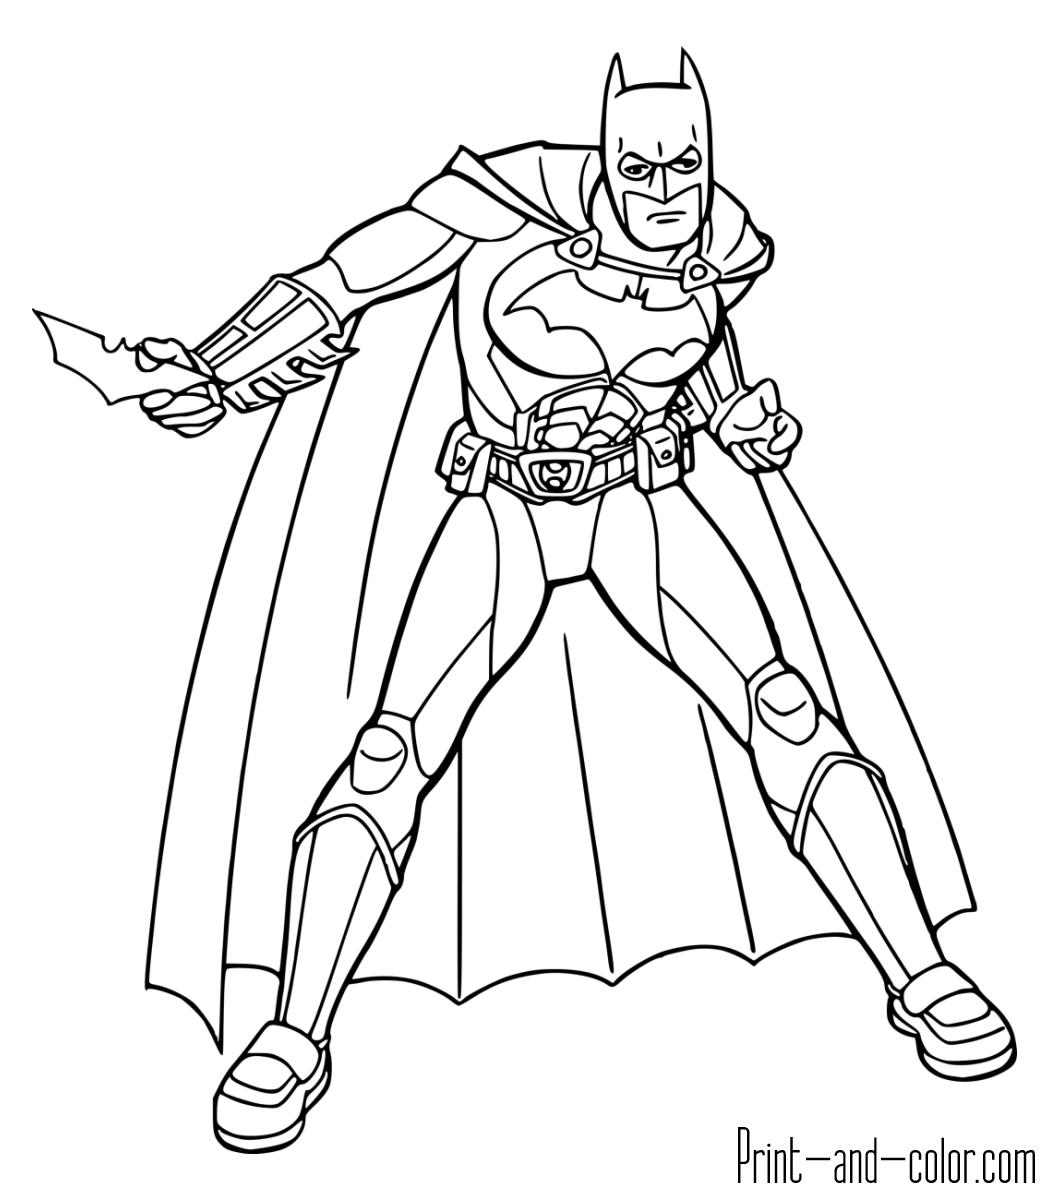 1050x1200 Batman Coloring Pages Print